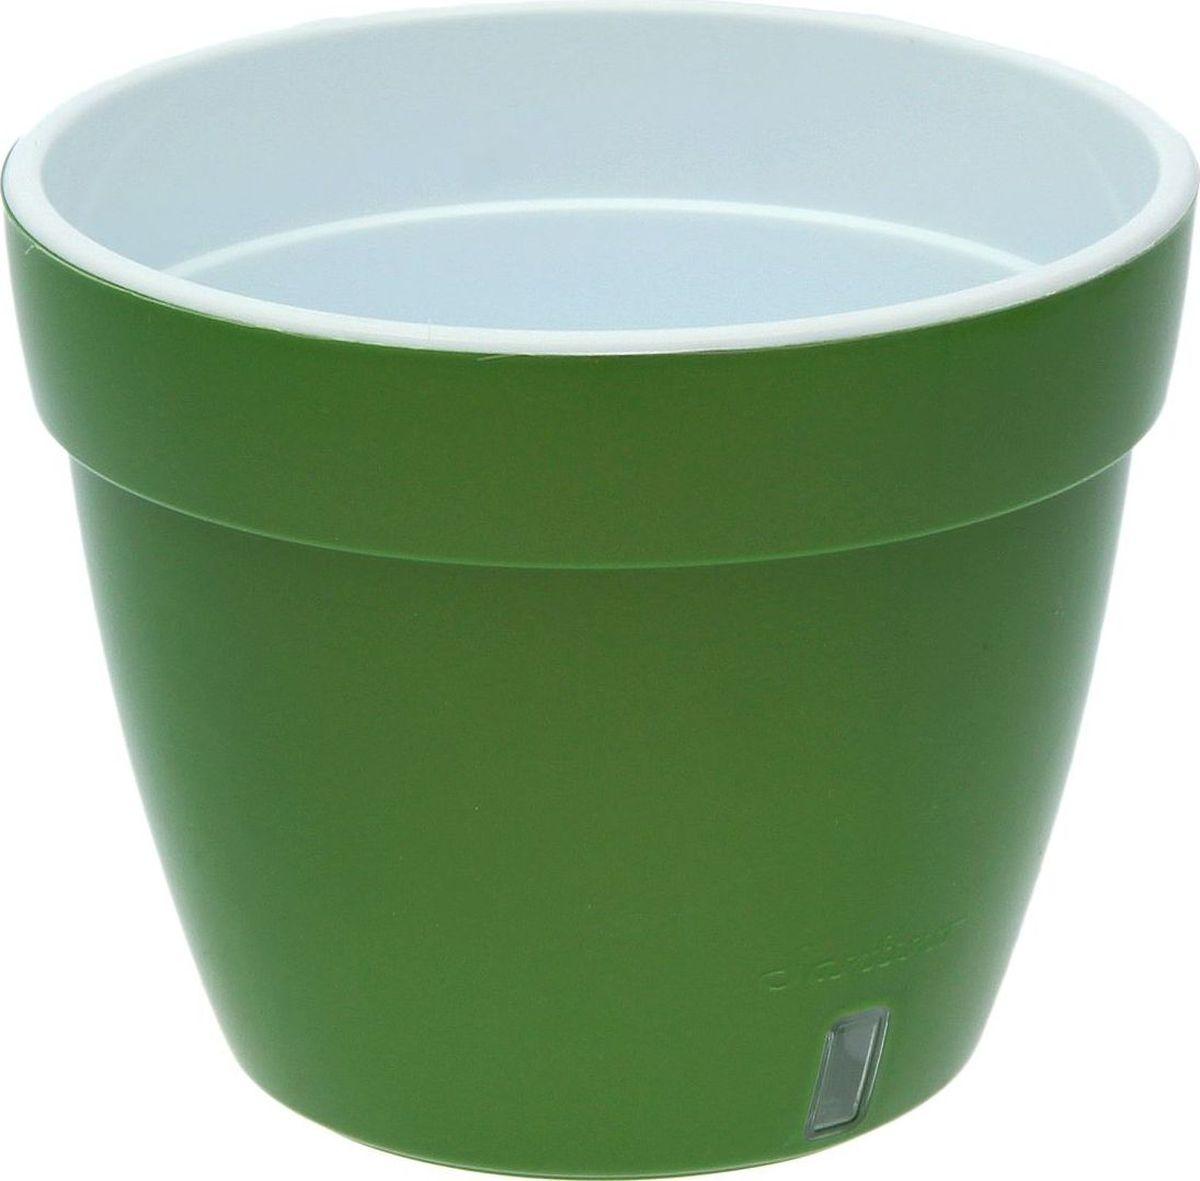 Горшок для цветов Santino Асти, цвет: зеленый, 2,5 л2034771Горшок Santino Асти, выполненный из высококачественного пластика, предназначен для выращивания комнатных цветов, растений и трав. Специальная конструкция обеспечивает вентиляцию в корневой системе растения, а дренажные отверстия позволяют выходить лишней влаге из почвы. Изделие состоит из цветного кашпо и внутреннего горшка. Растение высаживается во внутренний горшок и вставляется в кашпо.Такой горшок порадует вас современным дизайном и функциональностью, а также оригинально украсит интерьер любого помещения.